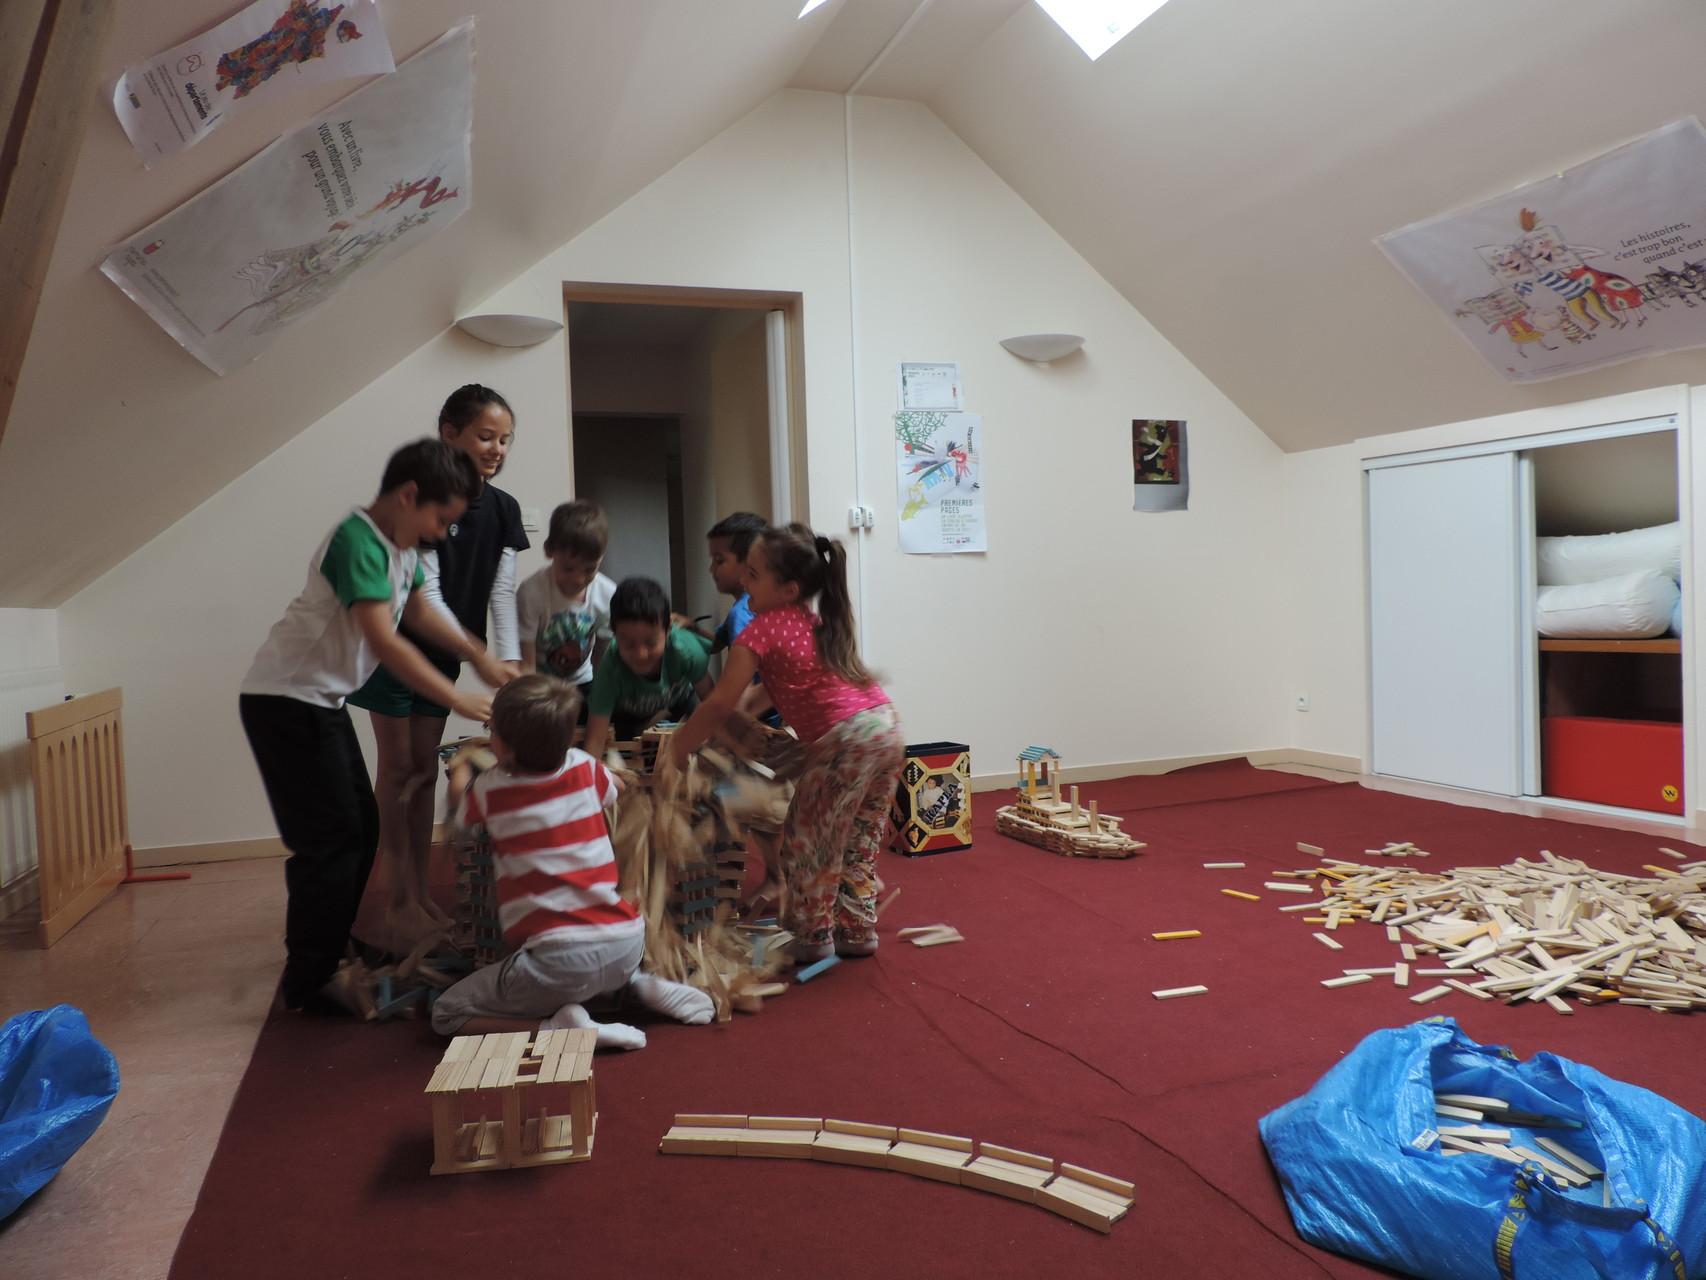 Atelier Kapla